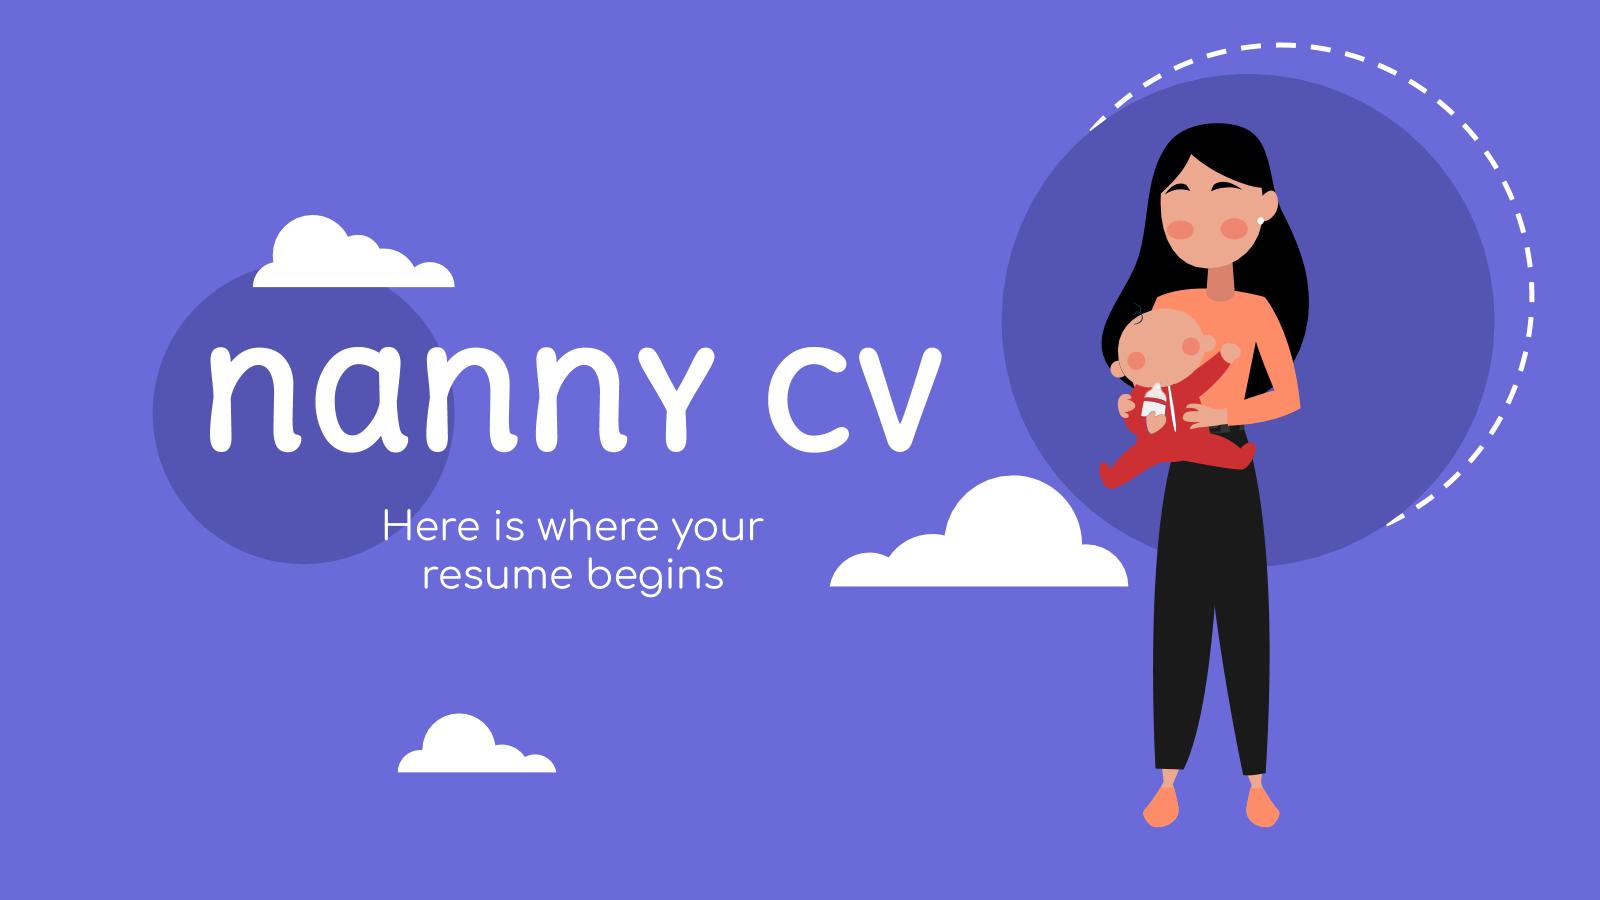 Nanny CV presentation template